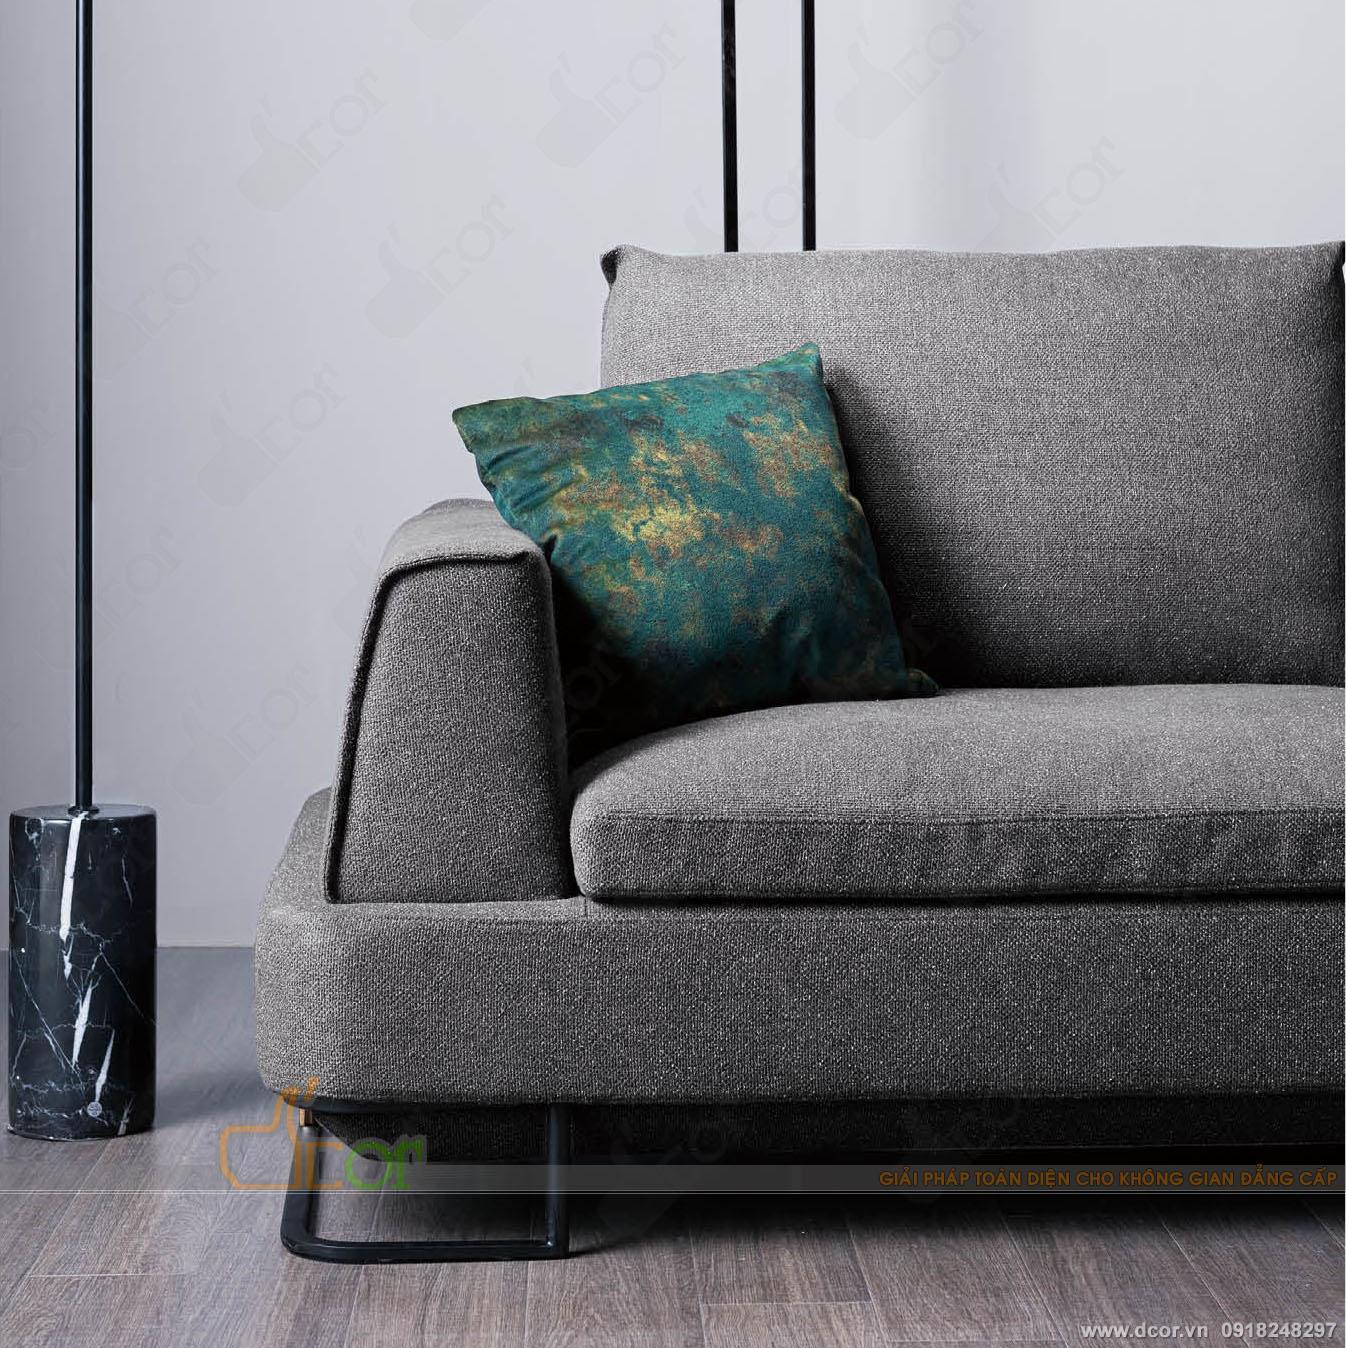 Ghế sofa phòng khách cao cấp cực đẹp, sẵn hàng: NG623